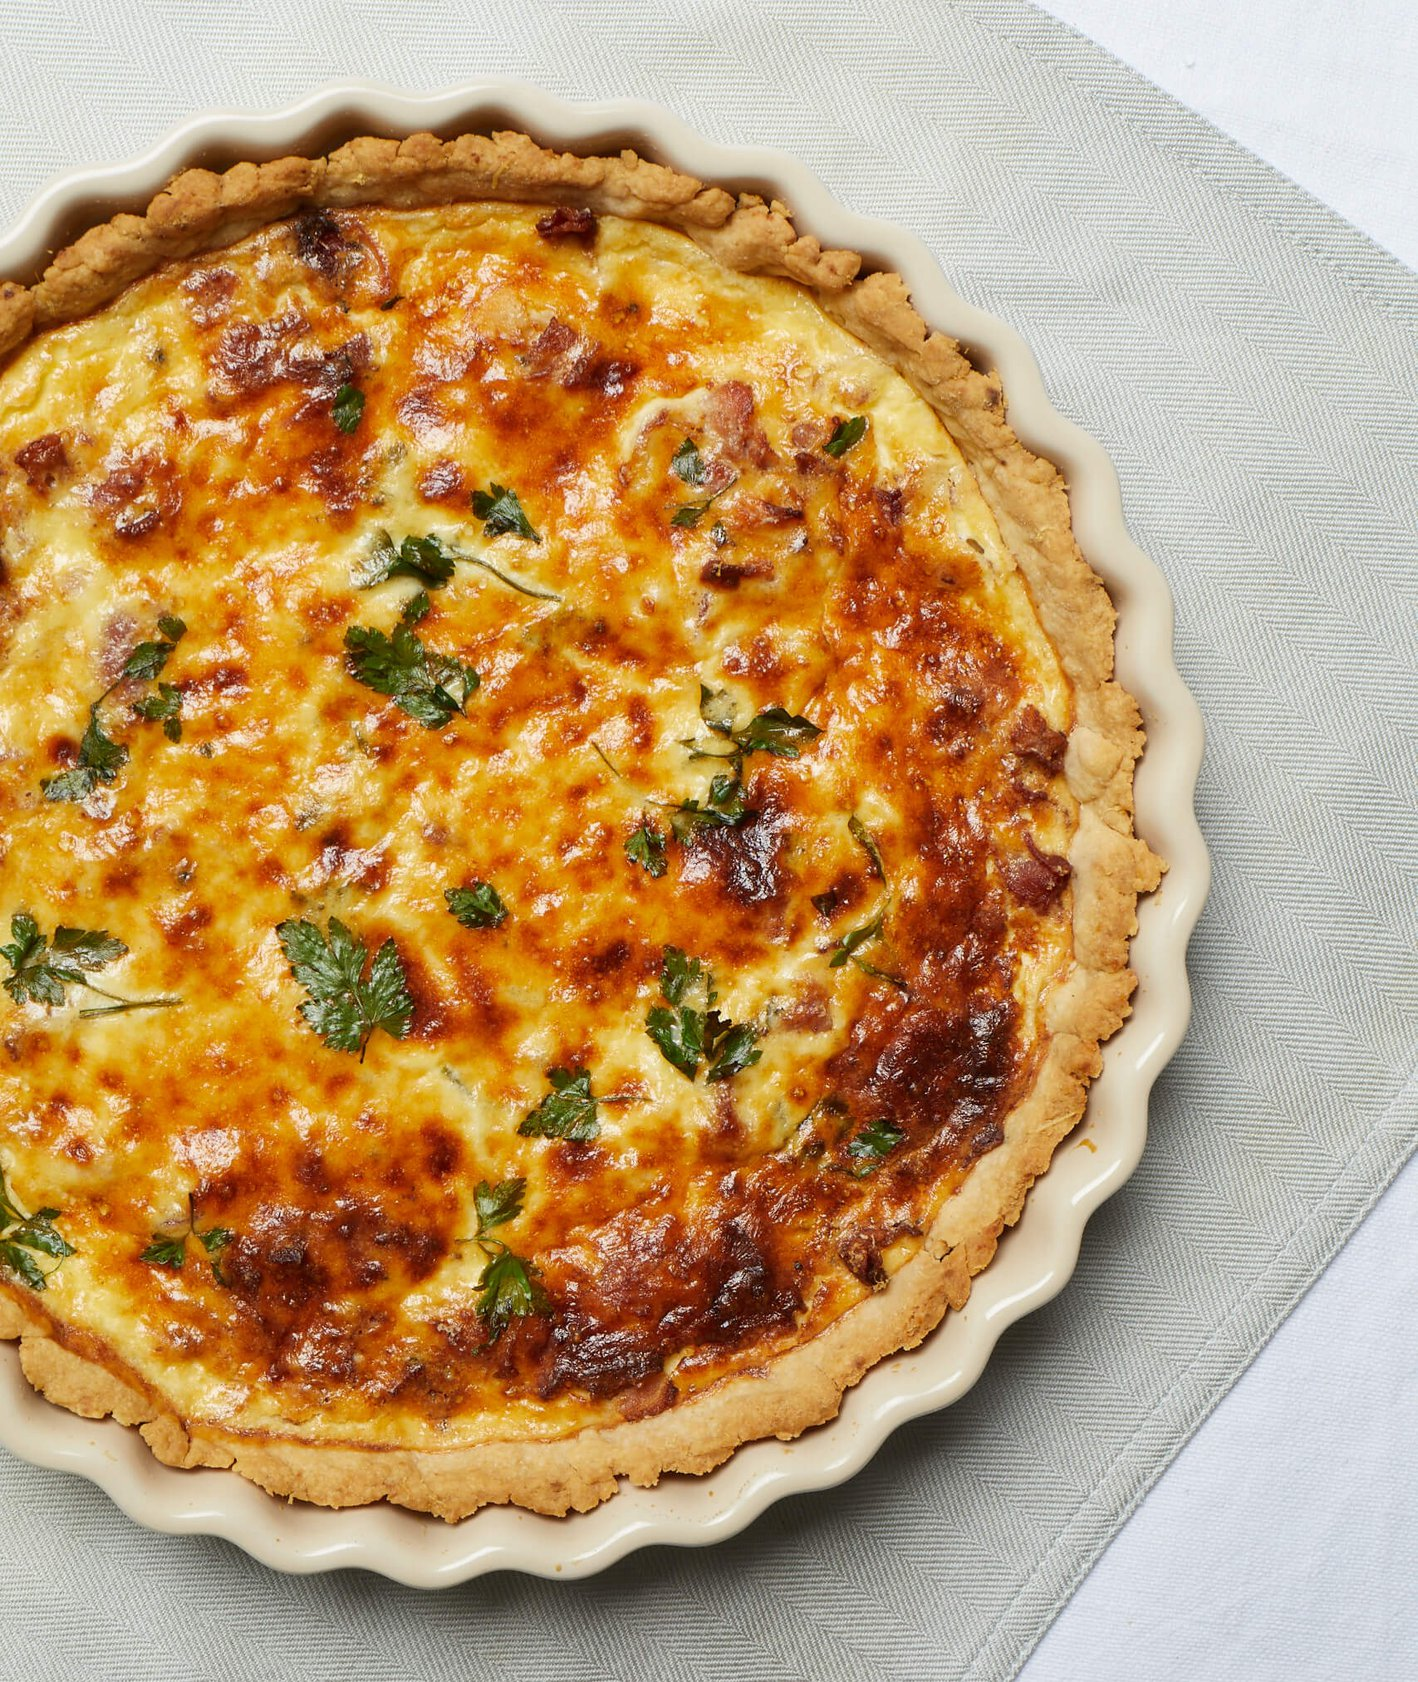 Quiche Lorraine, tarta z boczkiem, tarta z serem, parmezan, kuchnia francuska, co na przyjęcie, przekąski na imprezę, rodzinny obiad, kruche ciasto, wytrawna tarta